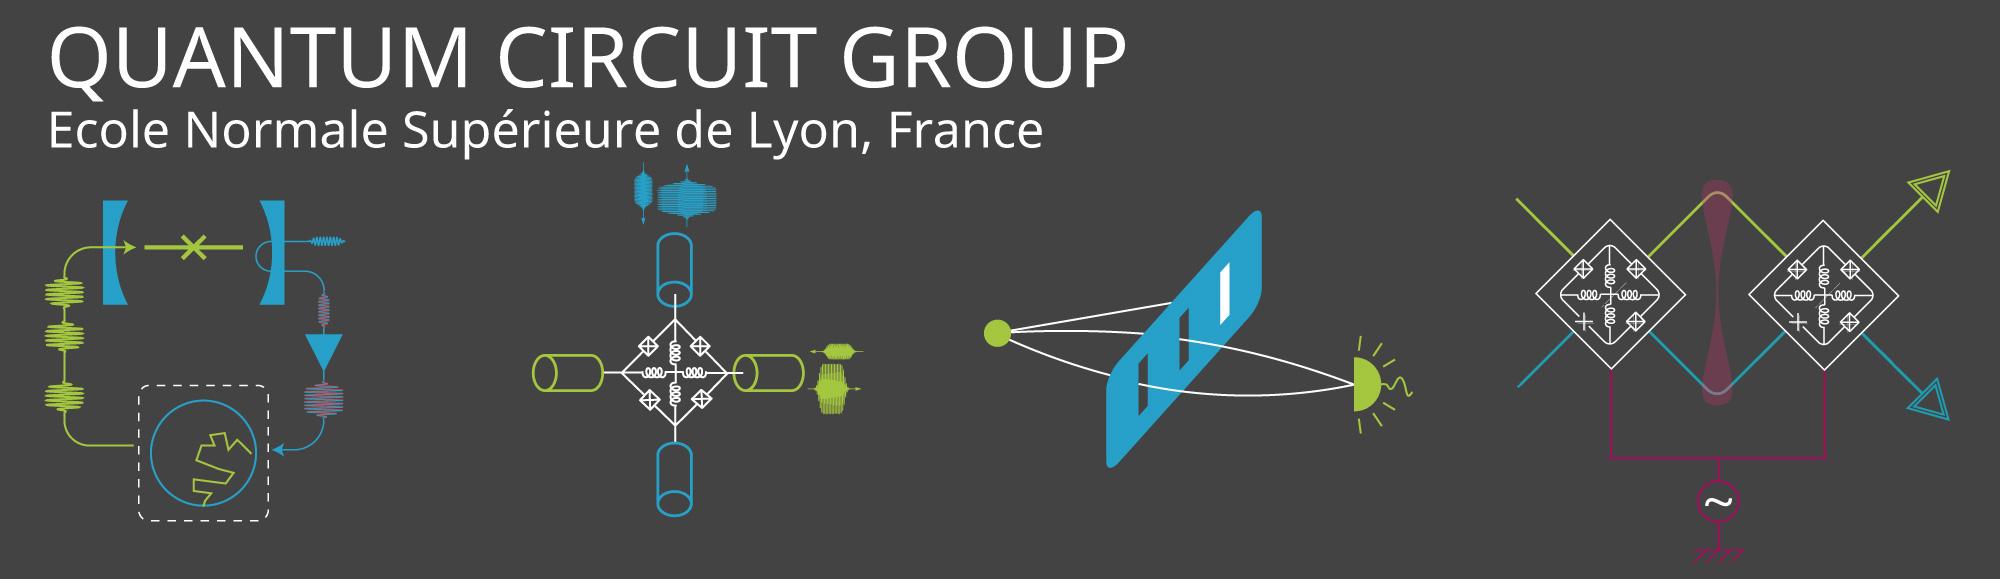 Quantum Circuit Group Qed Wiring Diagram